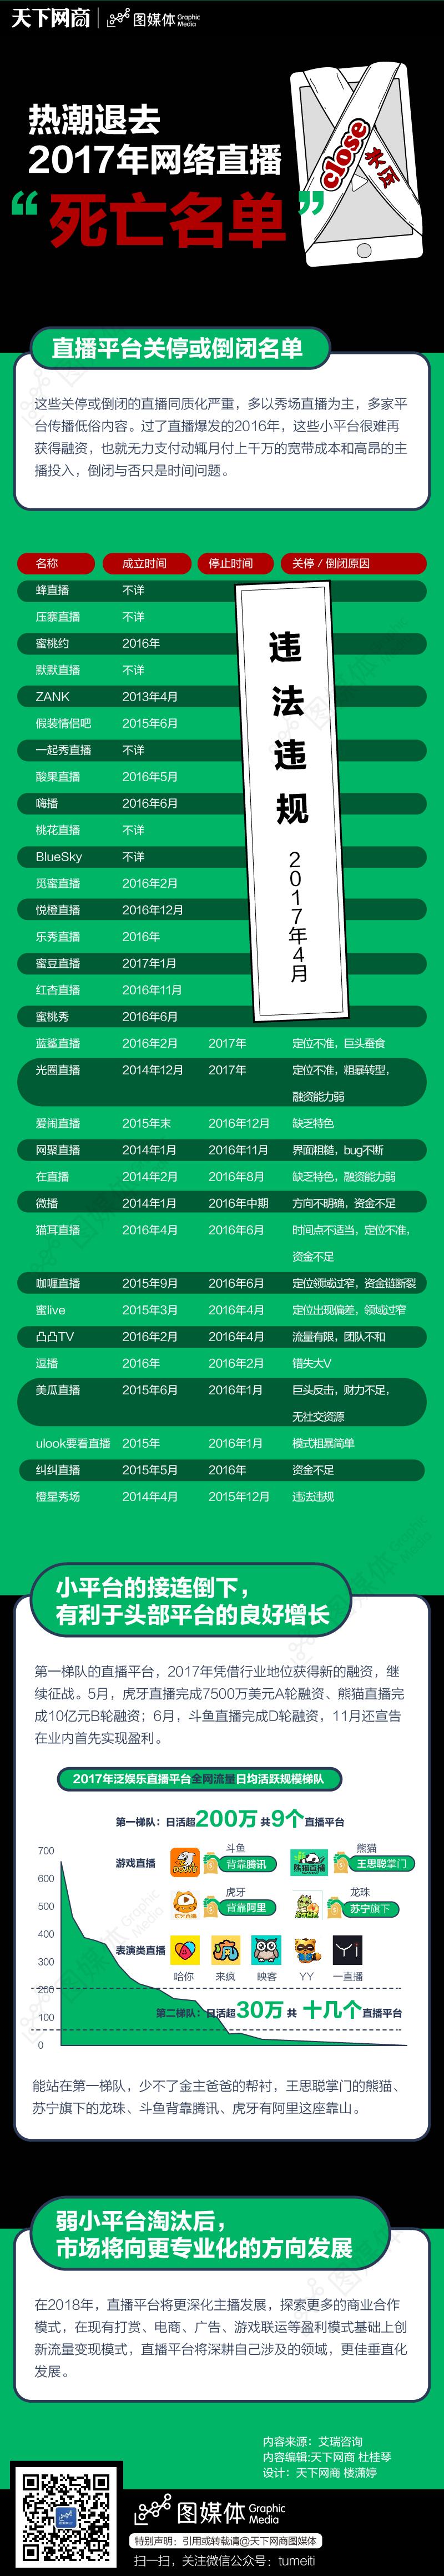 """987-热潮退去 2017年网络直播""""死亡名单"""""""